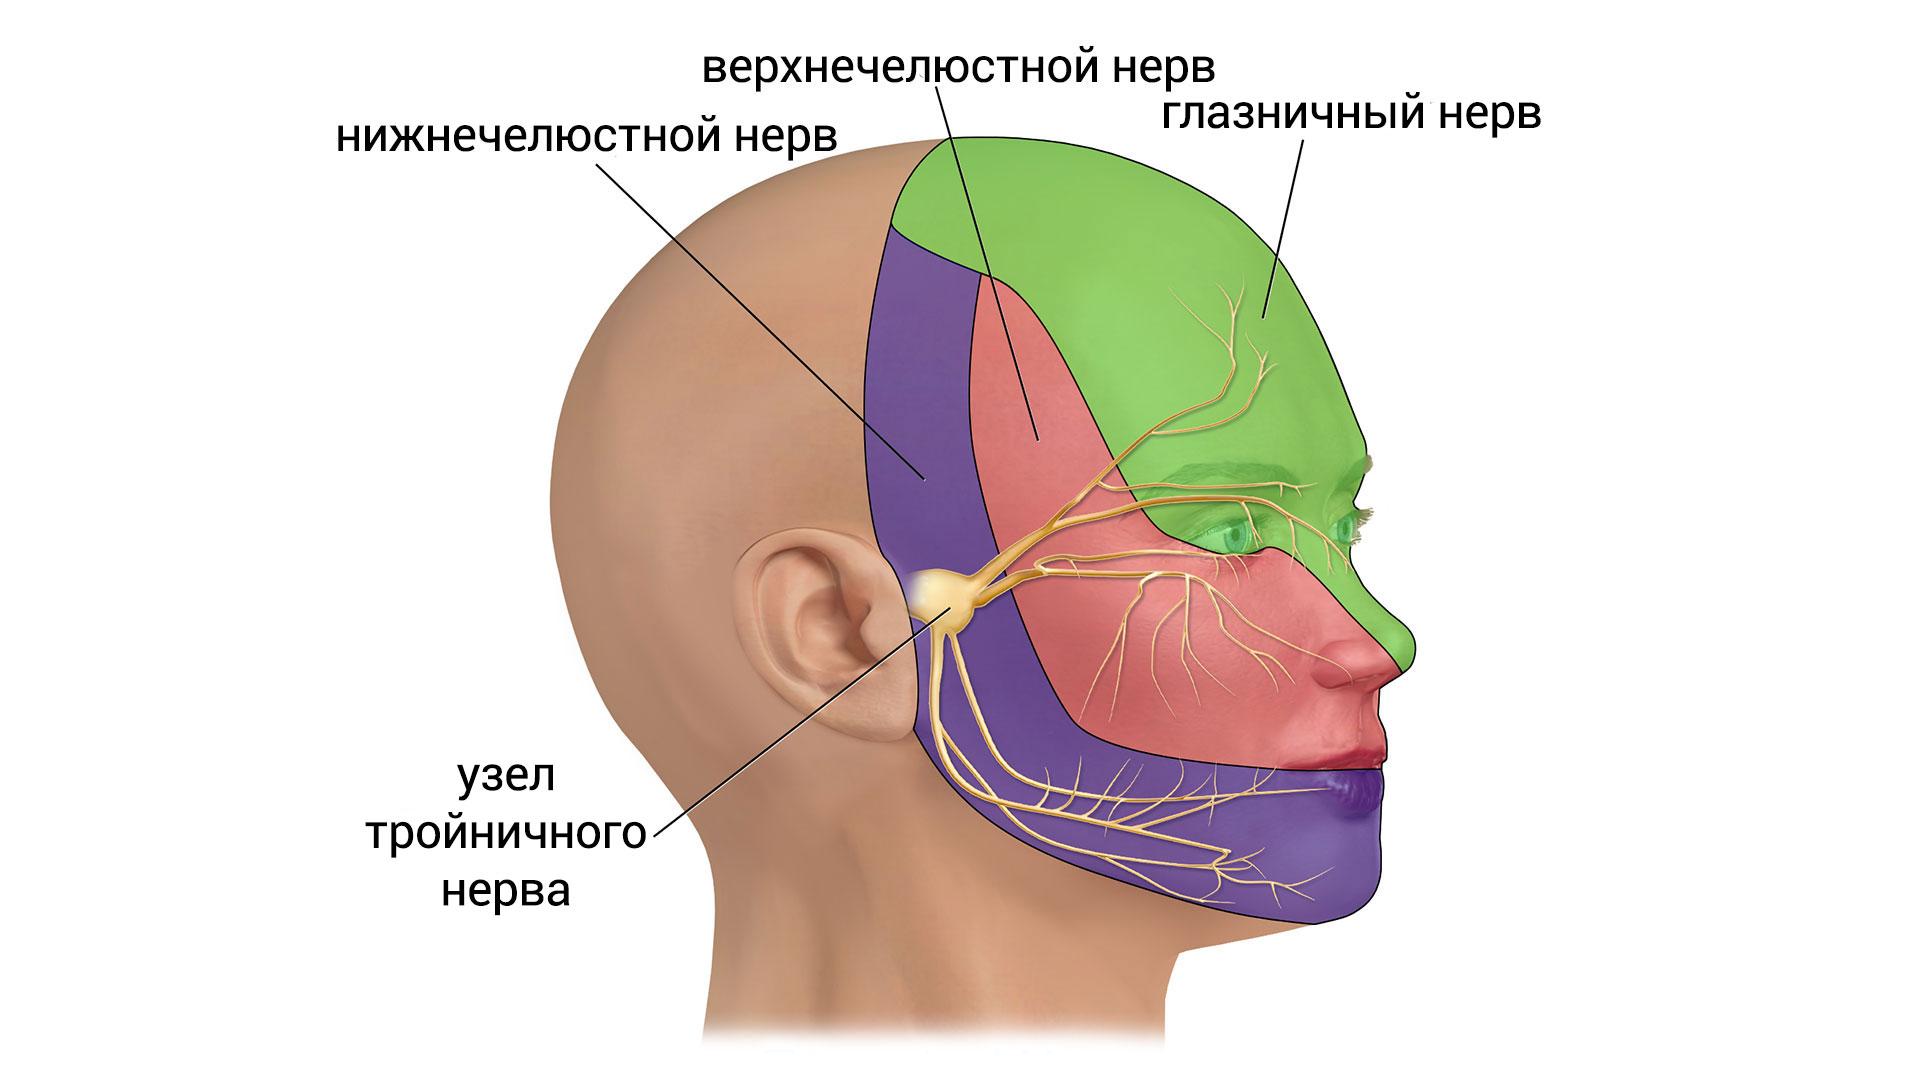 Дерматомы веток тройничного нерва